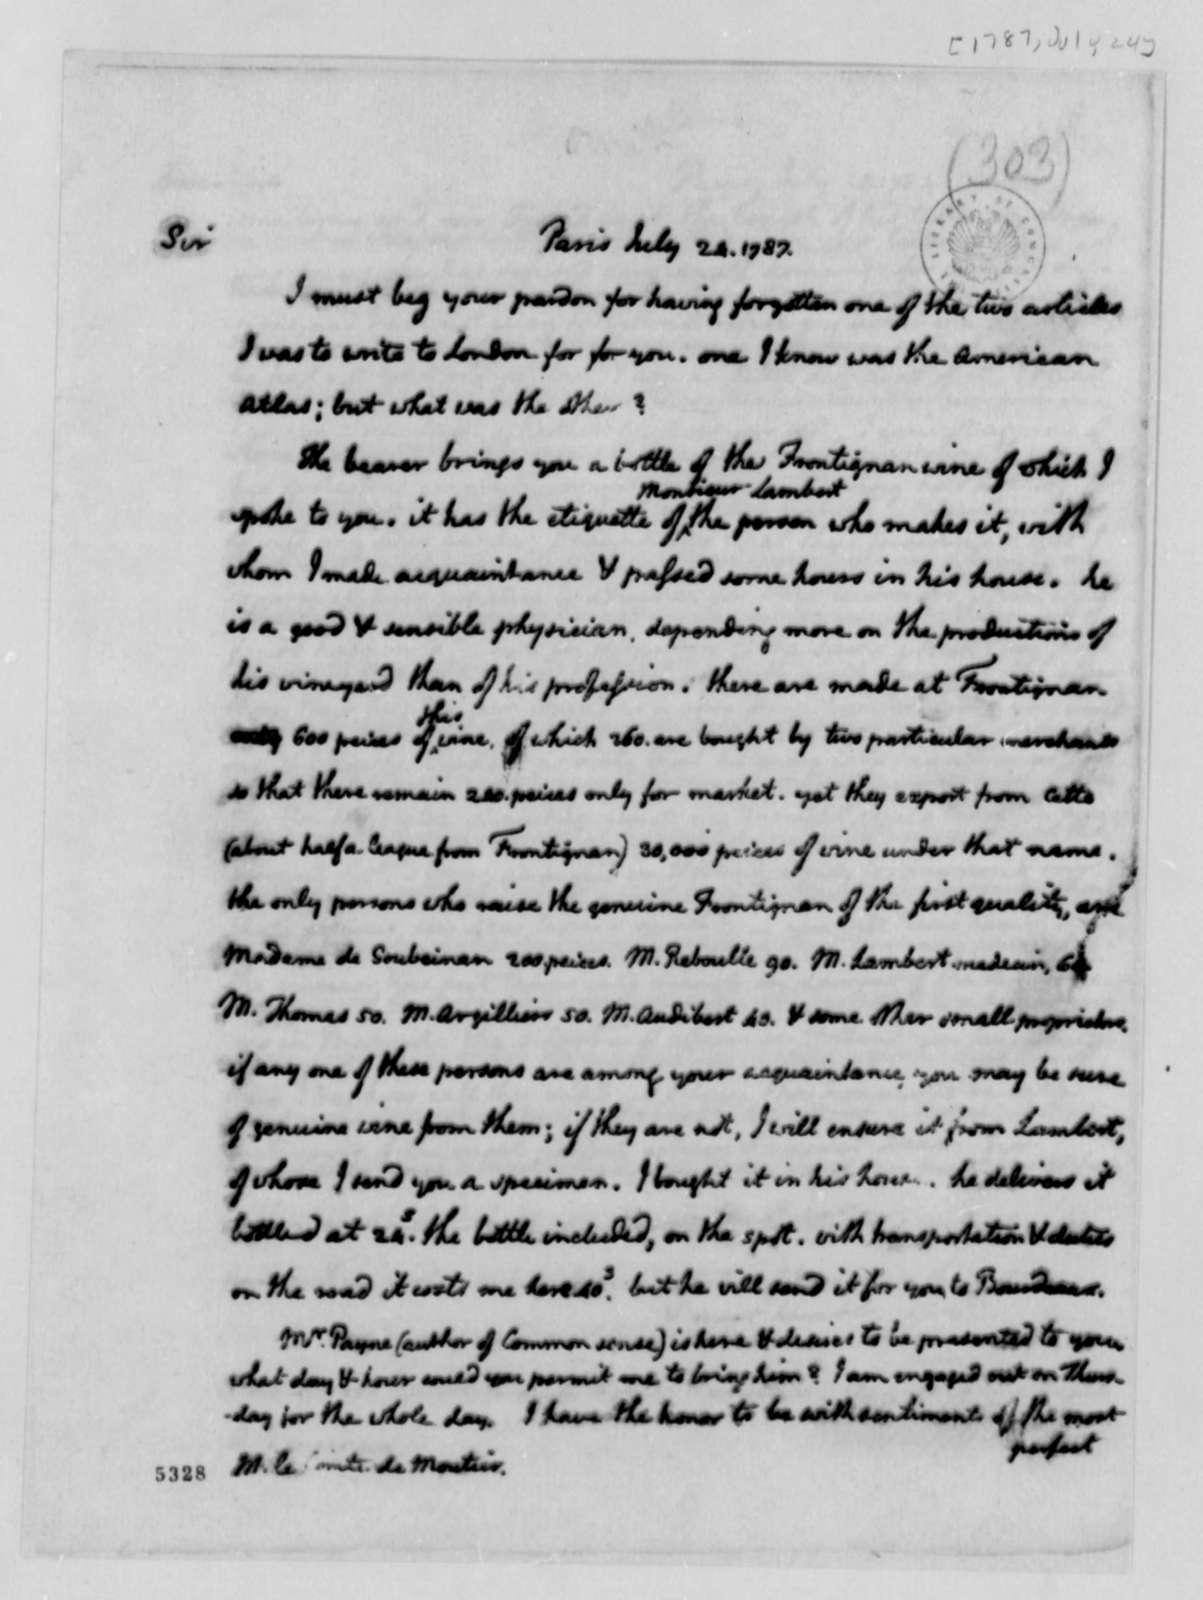 Thomas Jefferson to Eleonore Francois Elie, Comte de Moustier, July 24, 1787